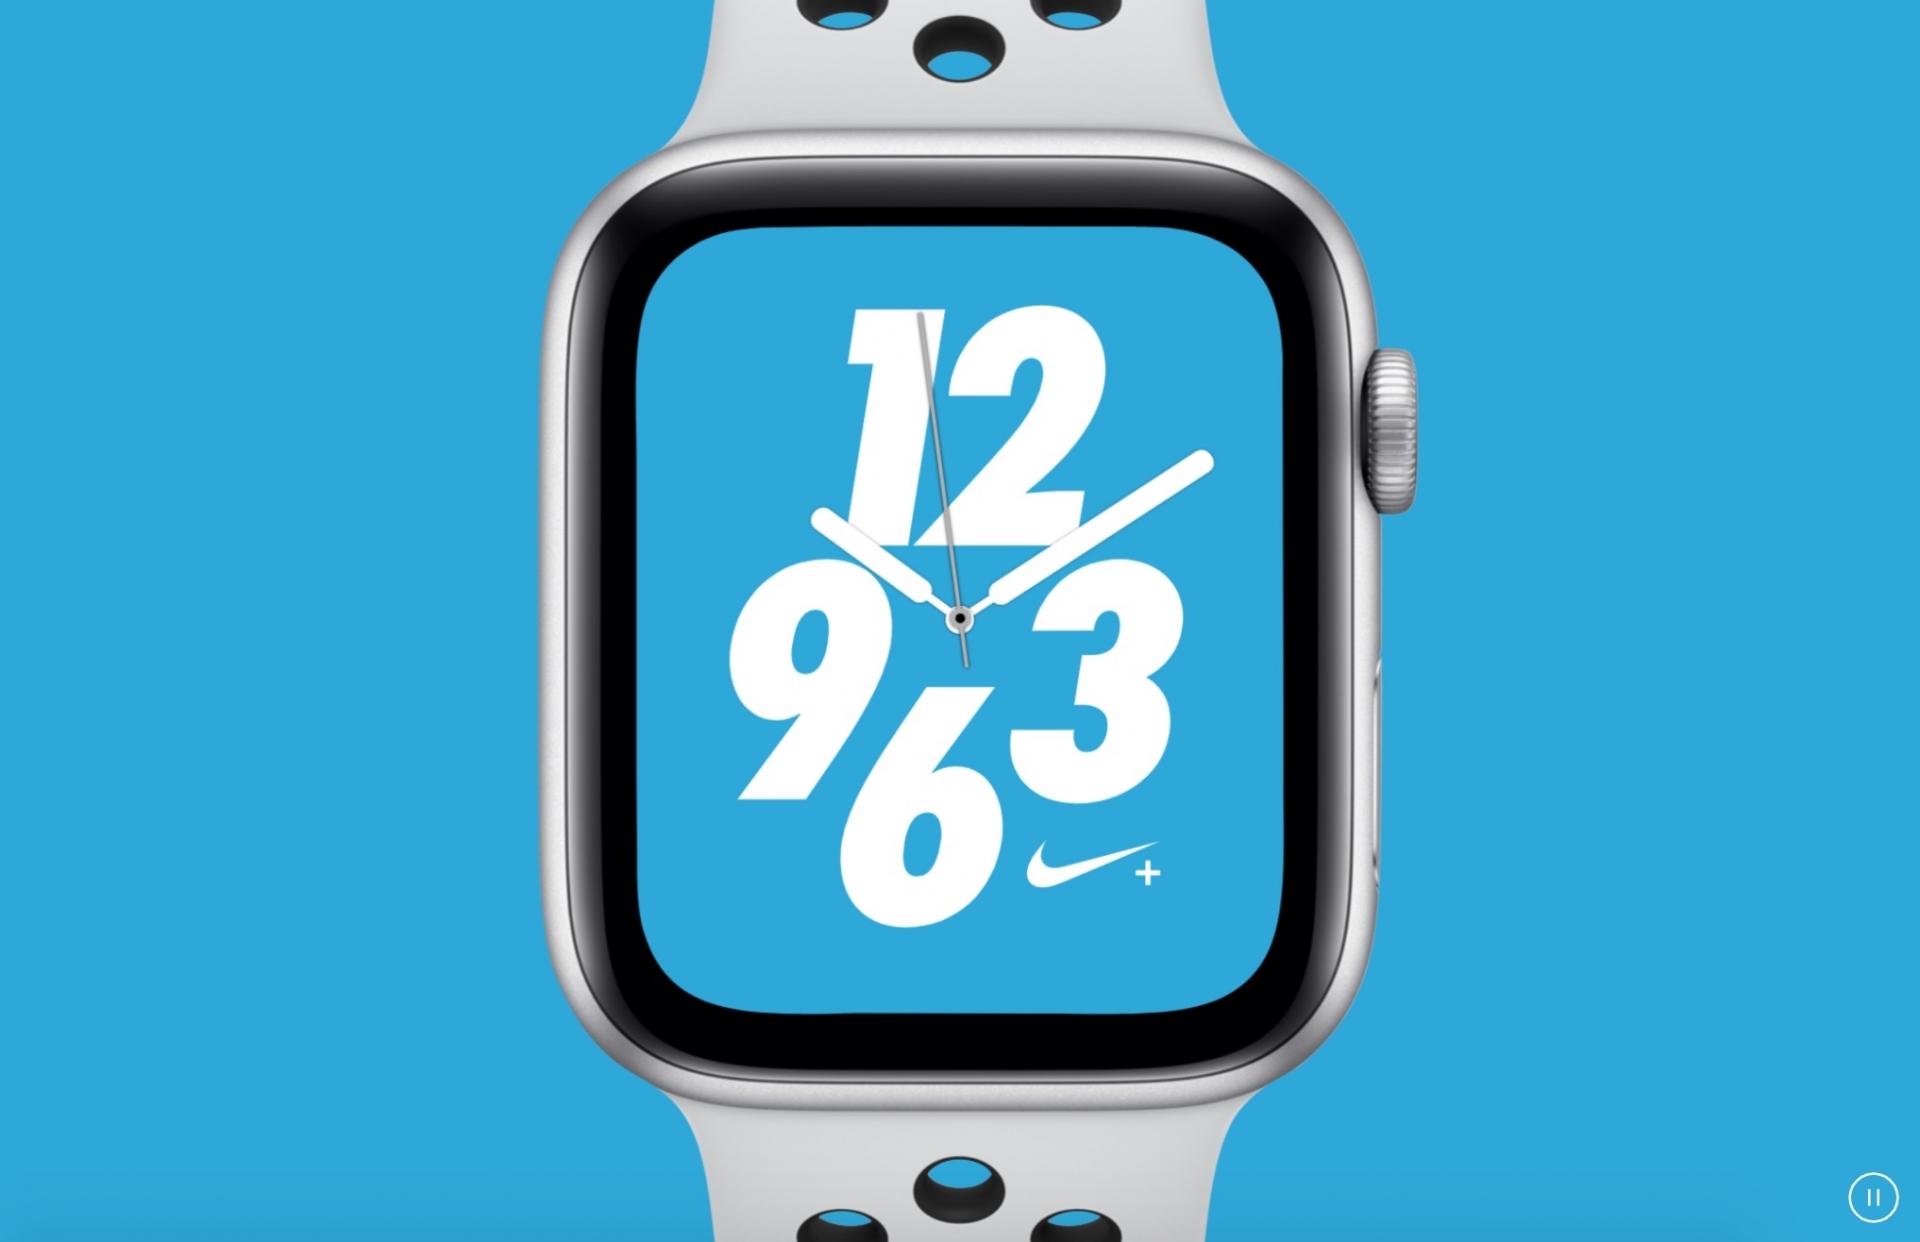 ساعة ابل 4 نسخة NIKE اصبحت متوفرة